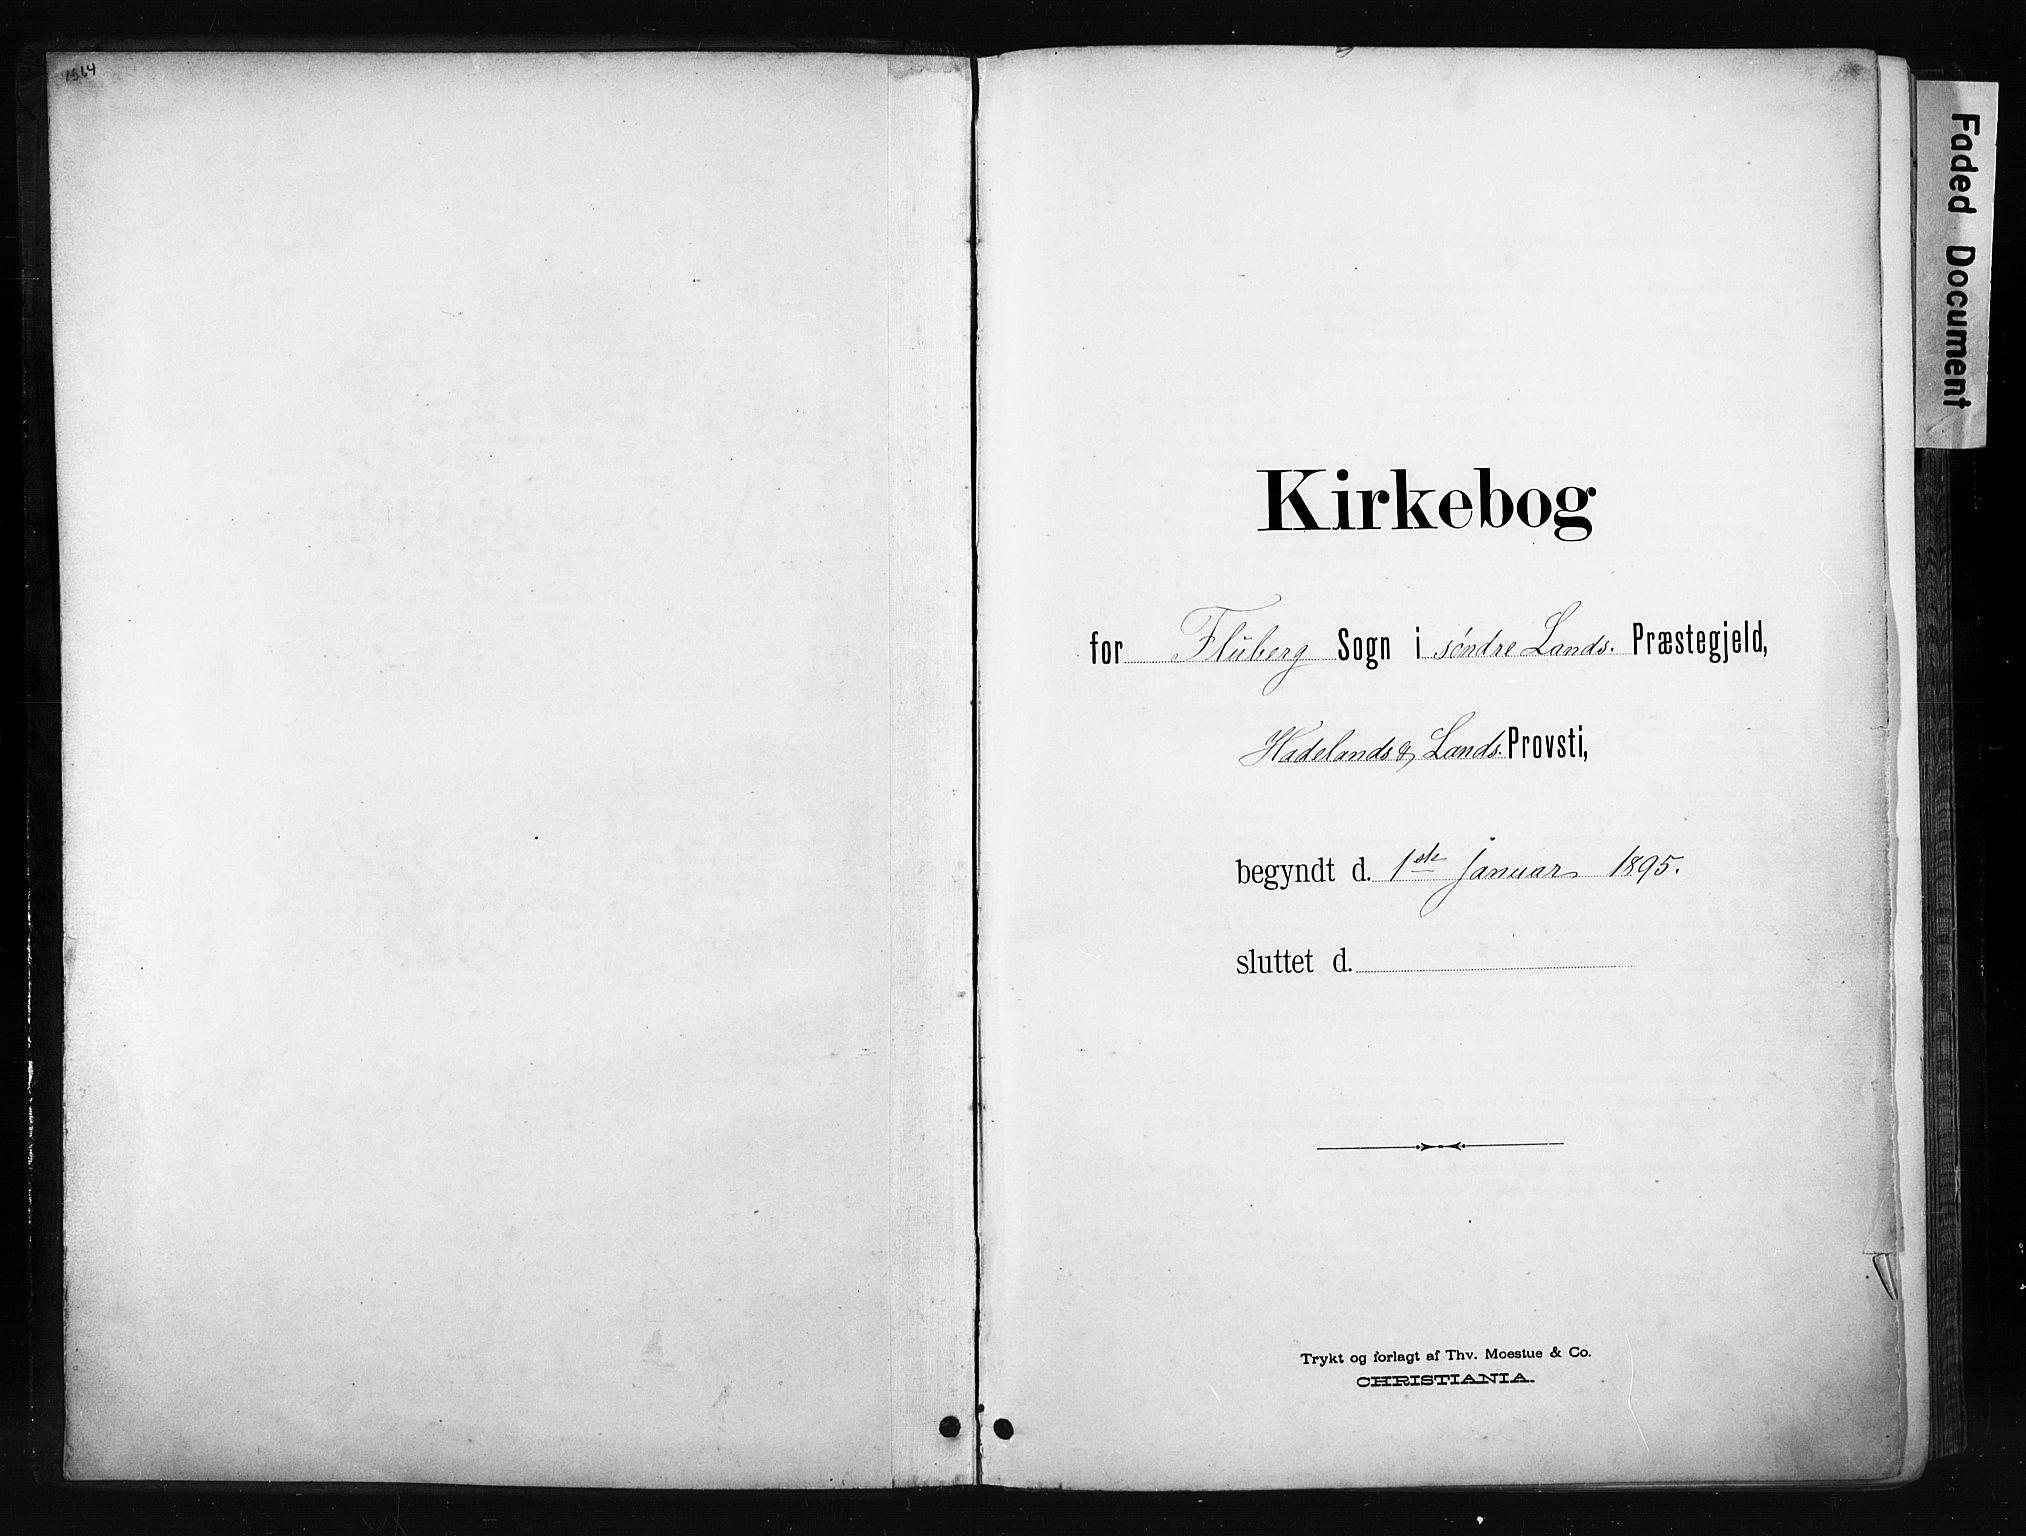 SAH, Søndre Land prestekontor, K/L0004: Ministerialbok nr. 4, 1895-1904